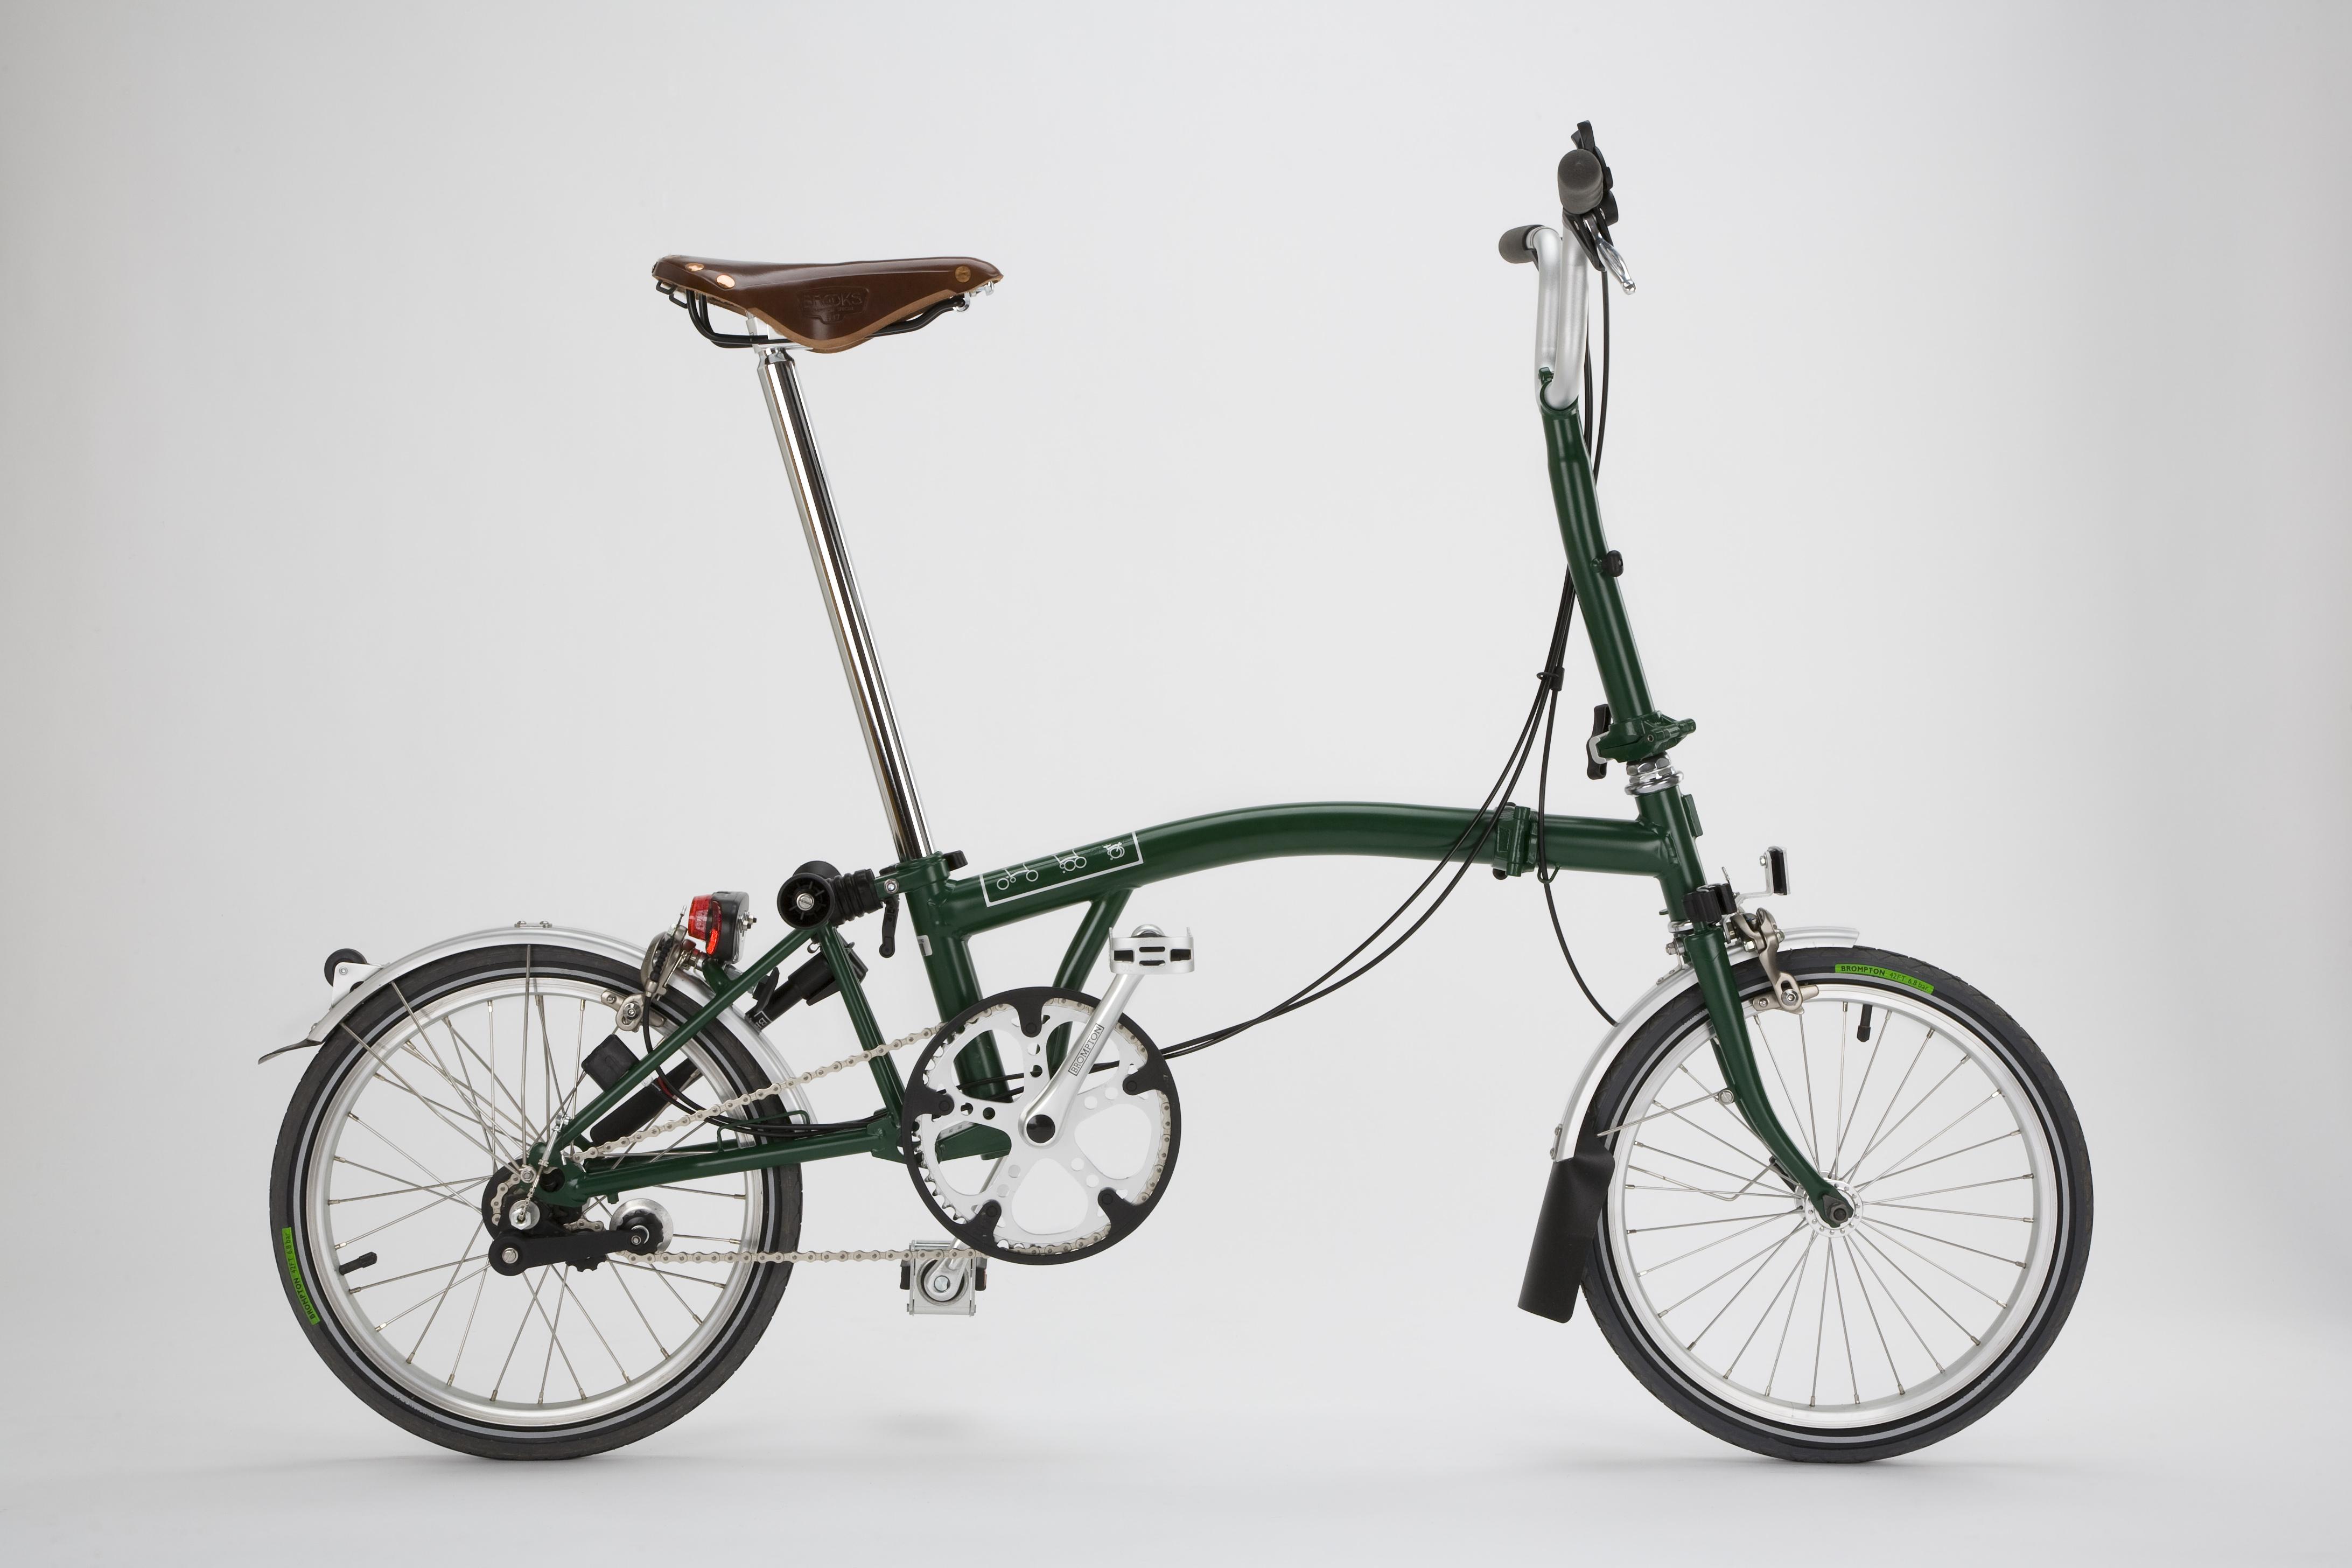 Racing green bicicletta ripiegabile brompton for Bici pieghevole milano